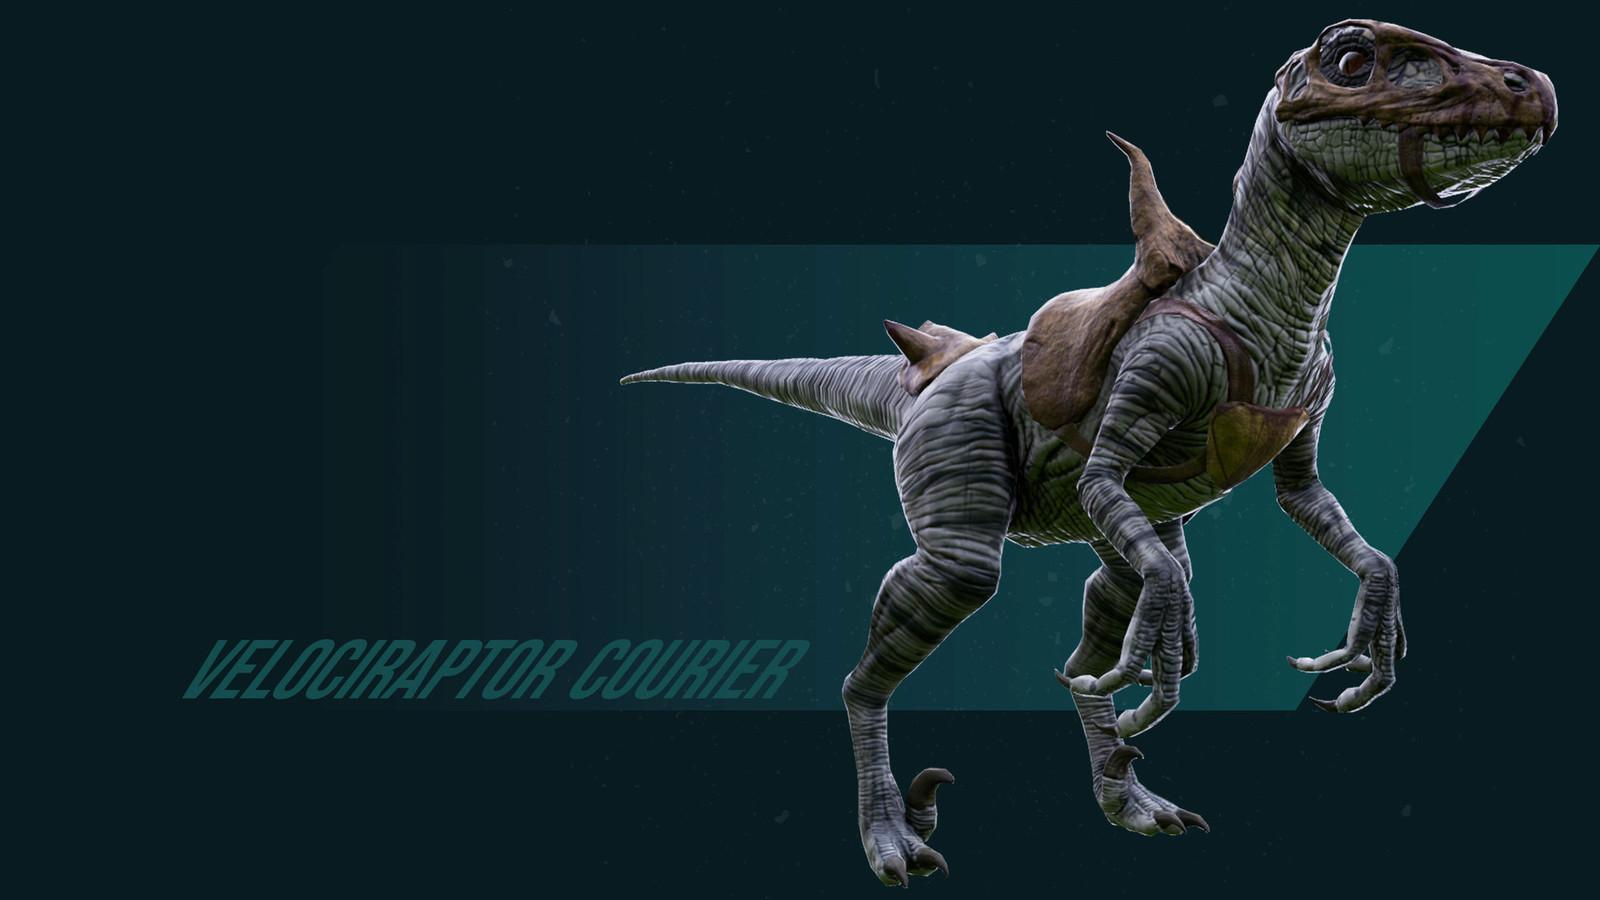 Velociraptor Courier